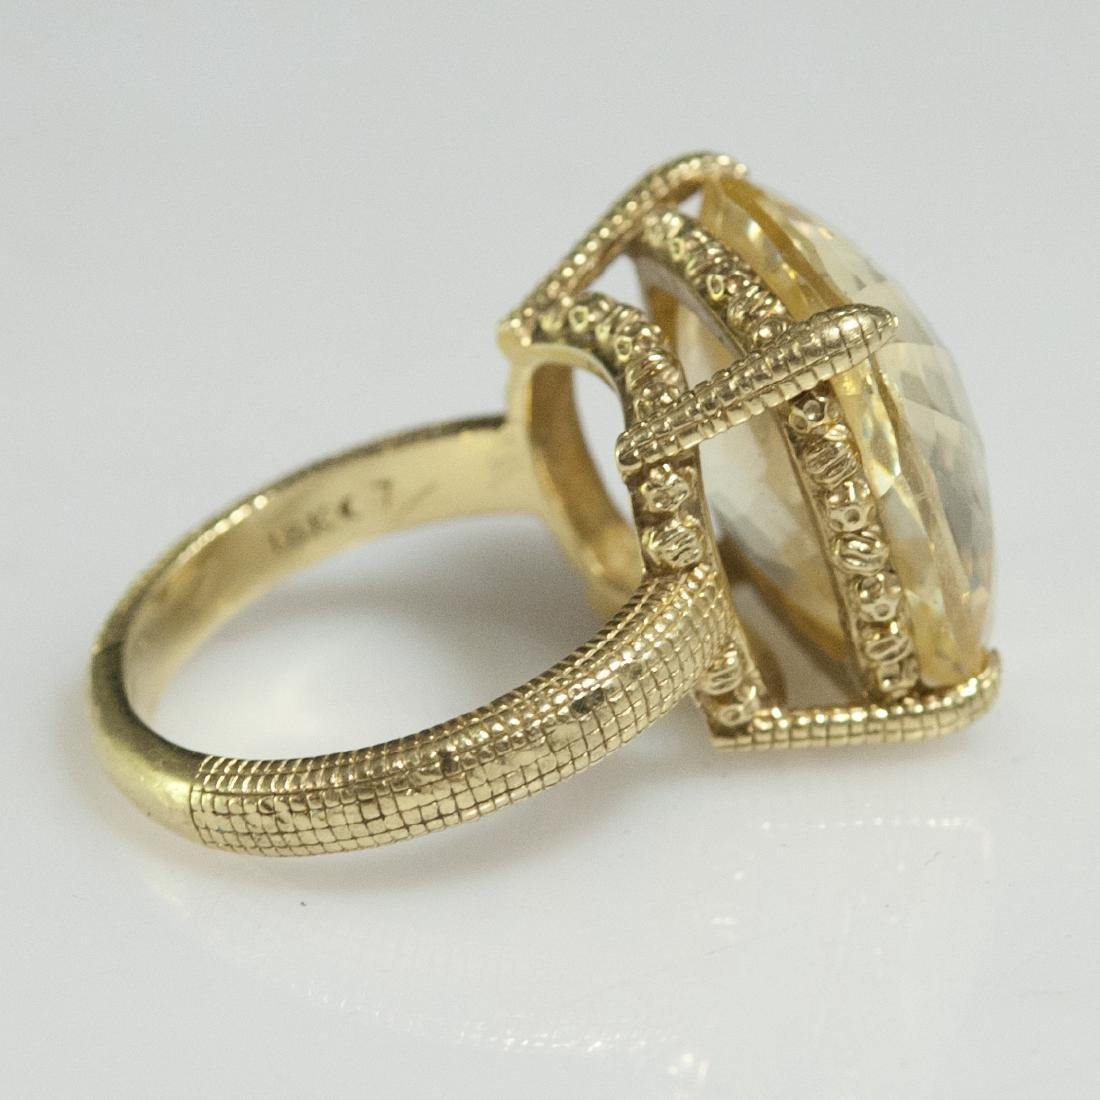 Judith Ripka 18kt Gold & Canary Quartz Ring - 4